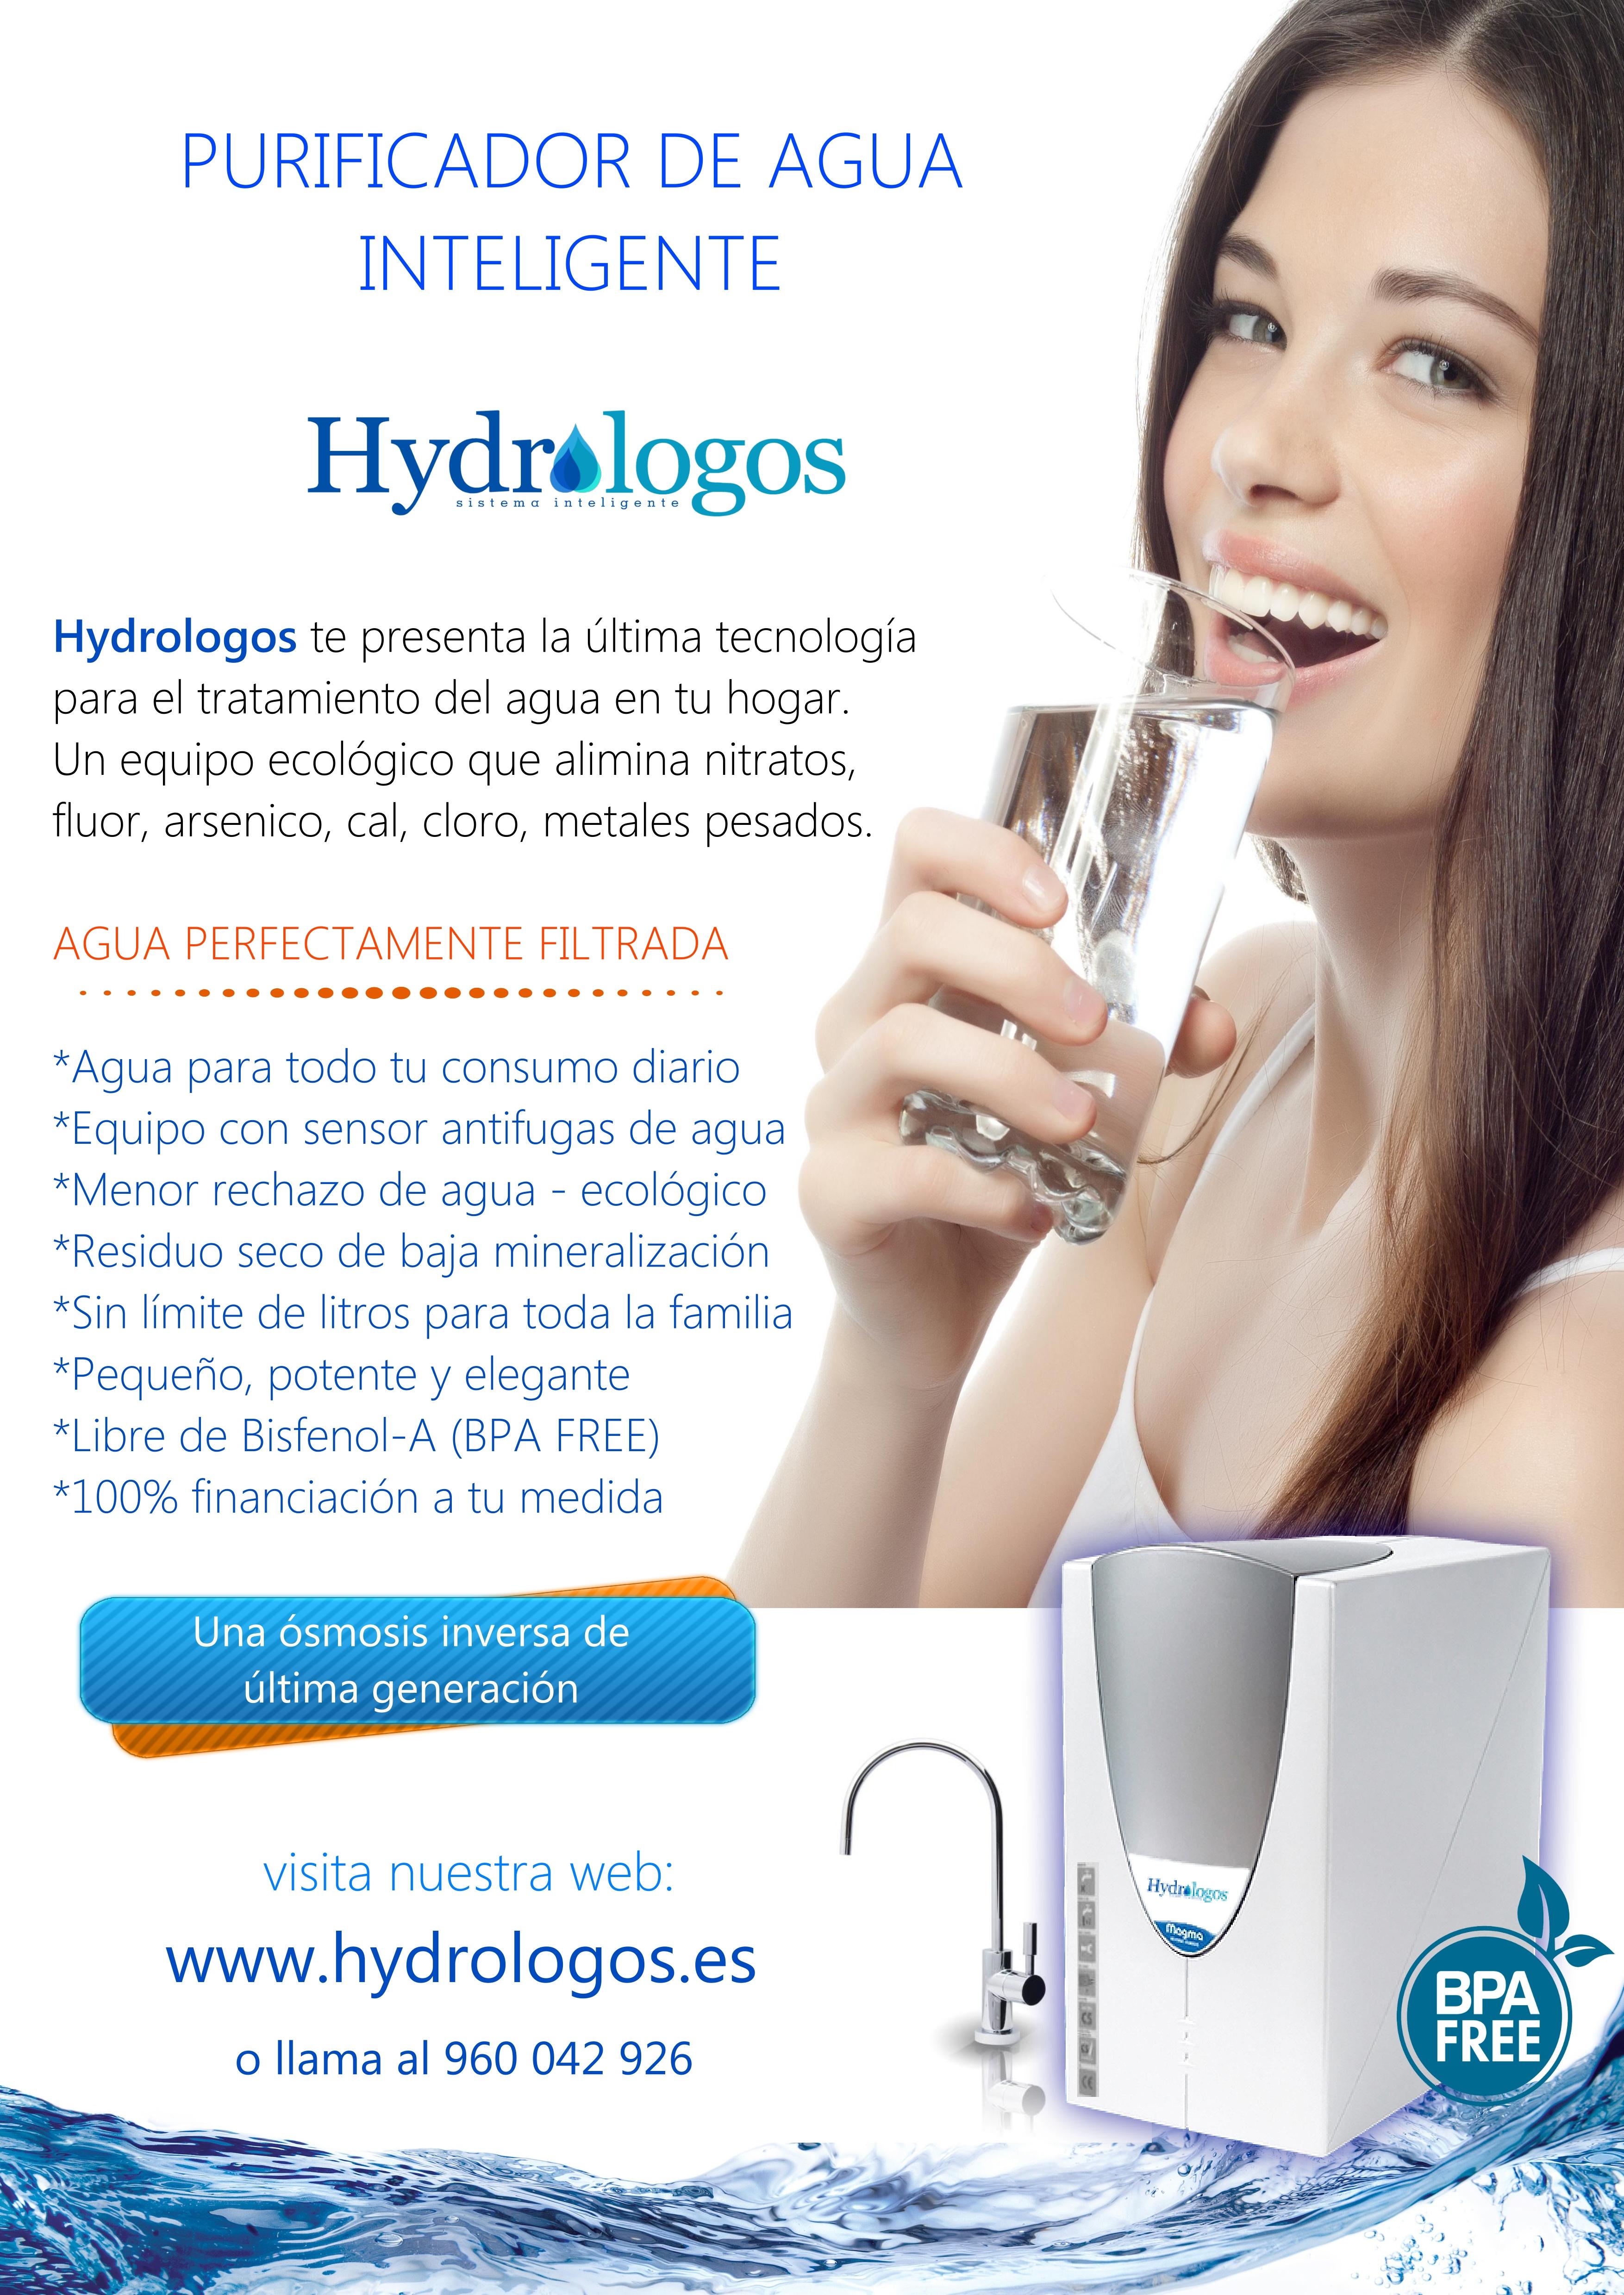 Purificador de agua Hydrologos Valencia